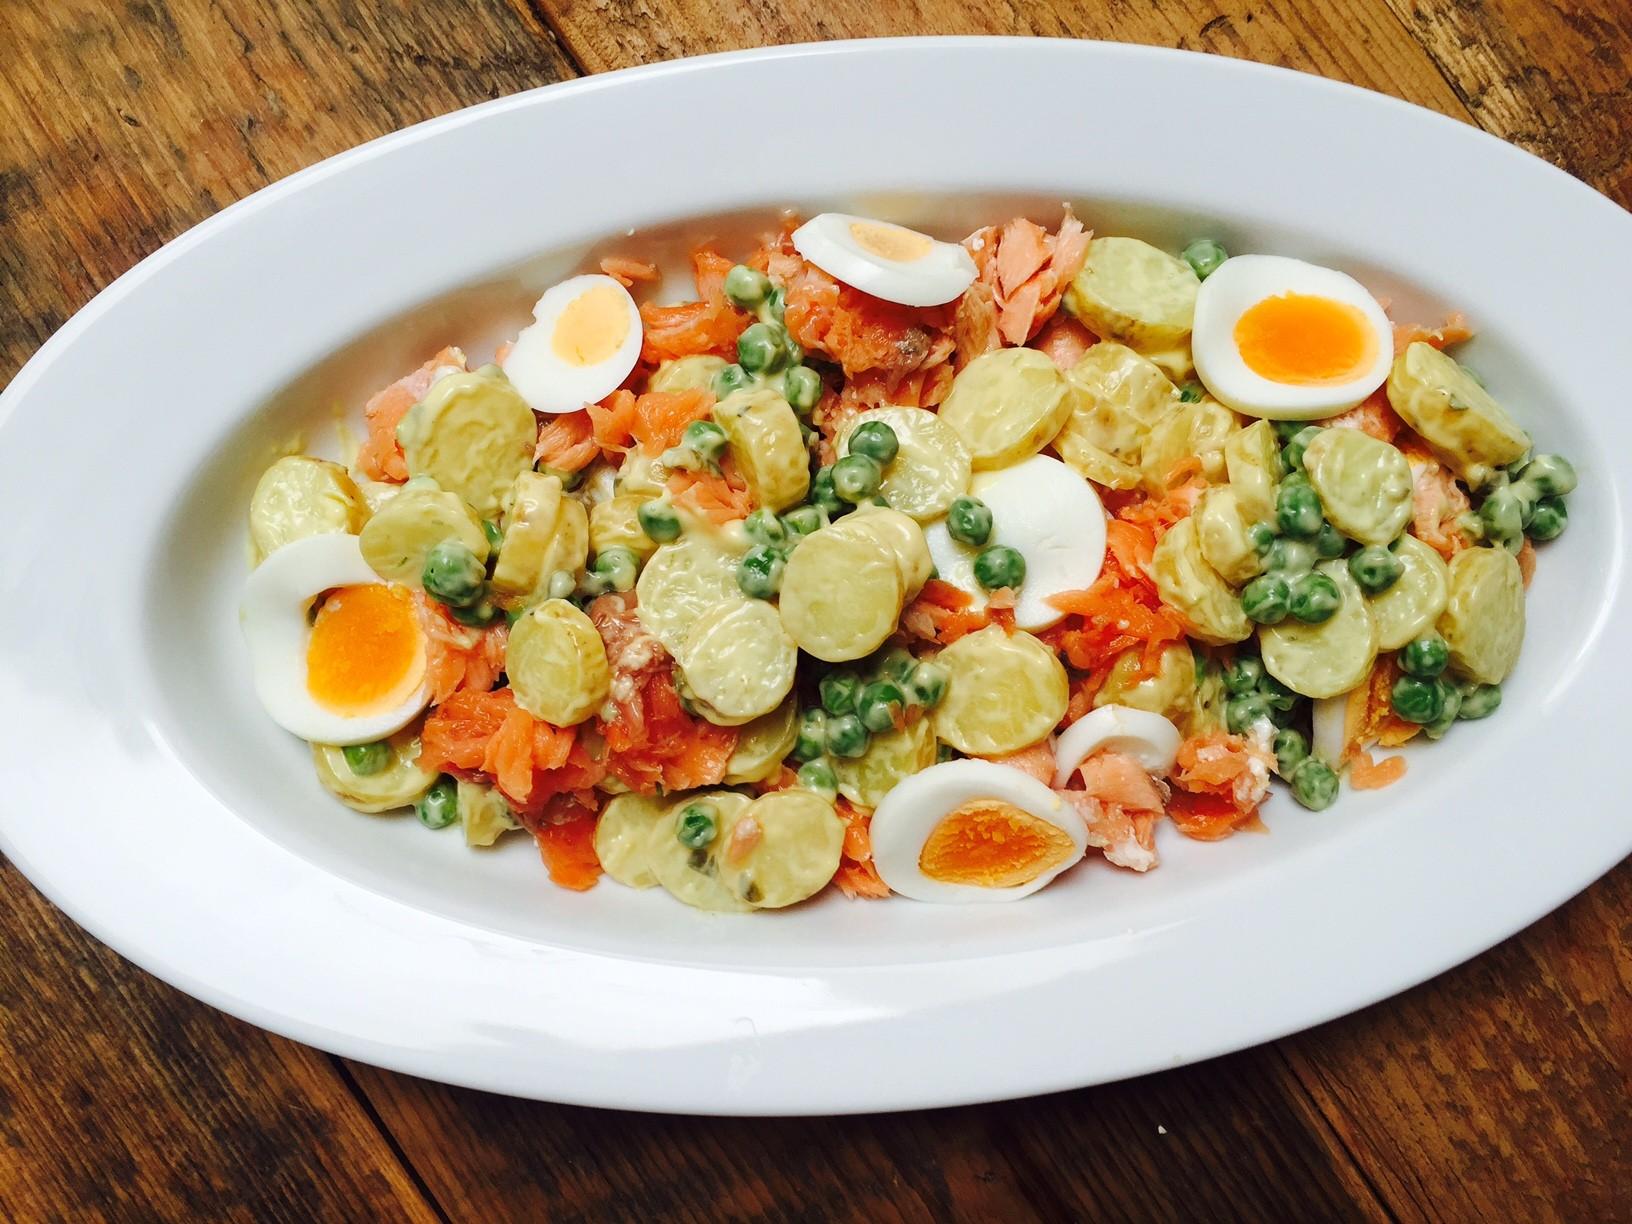 Zalmsalade met krielaardappeltjes recept van foodblog Foodinista